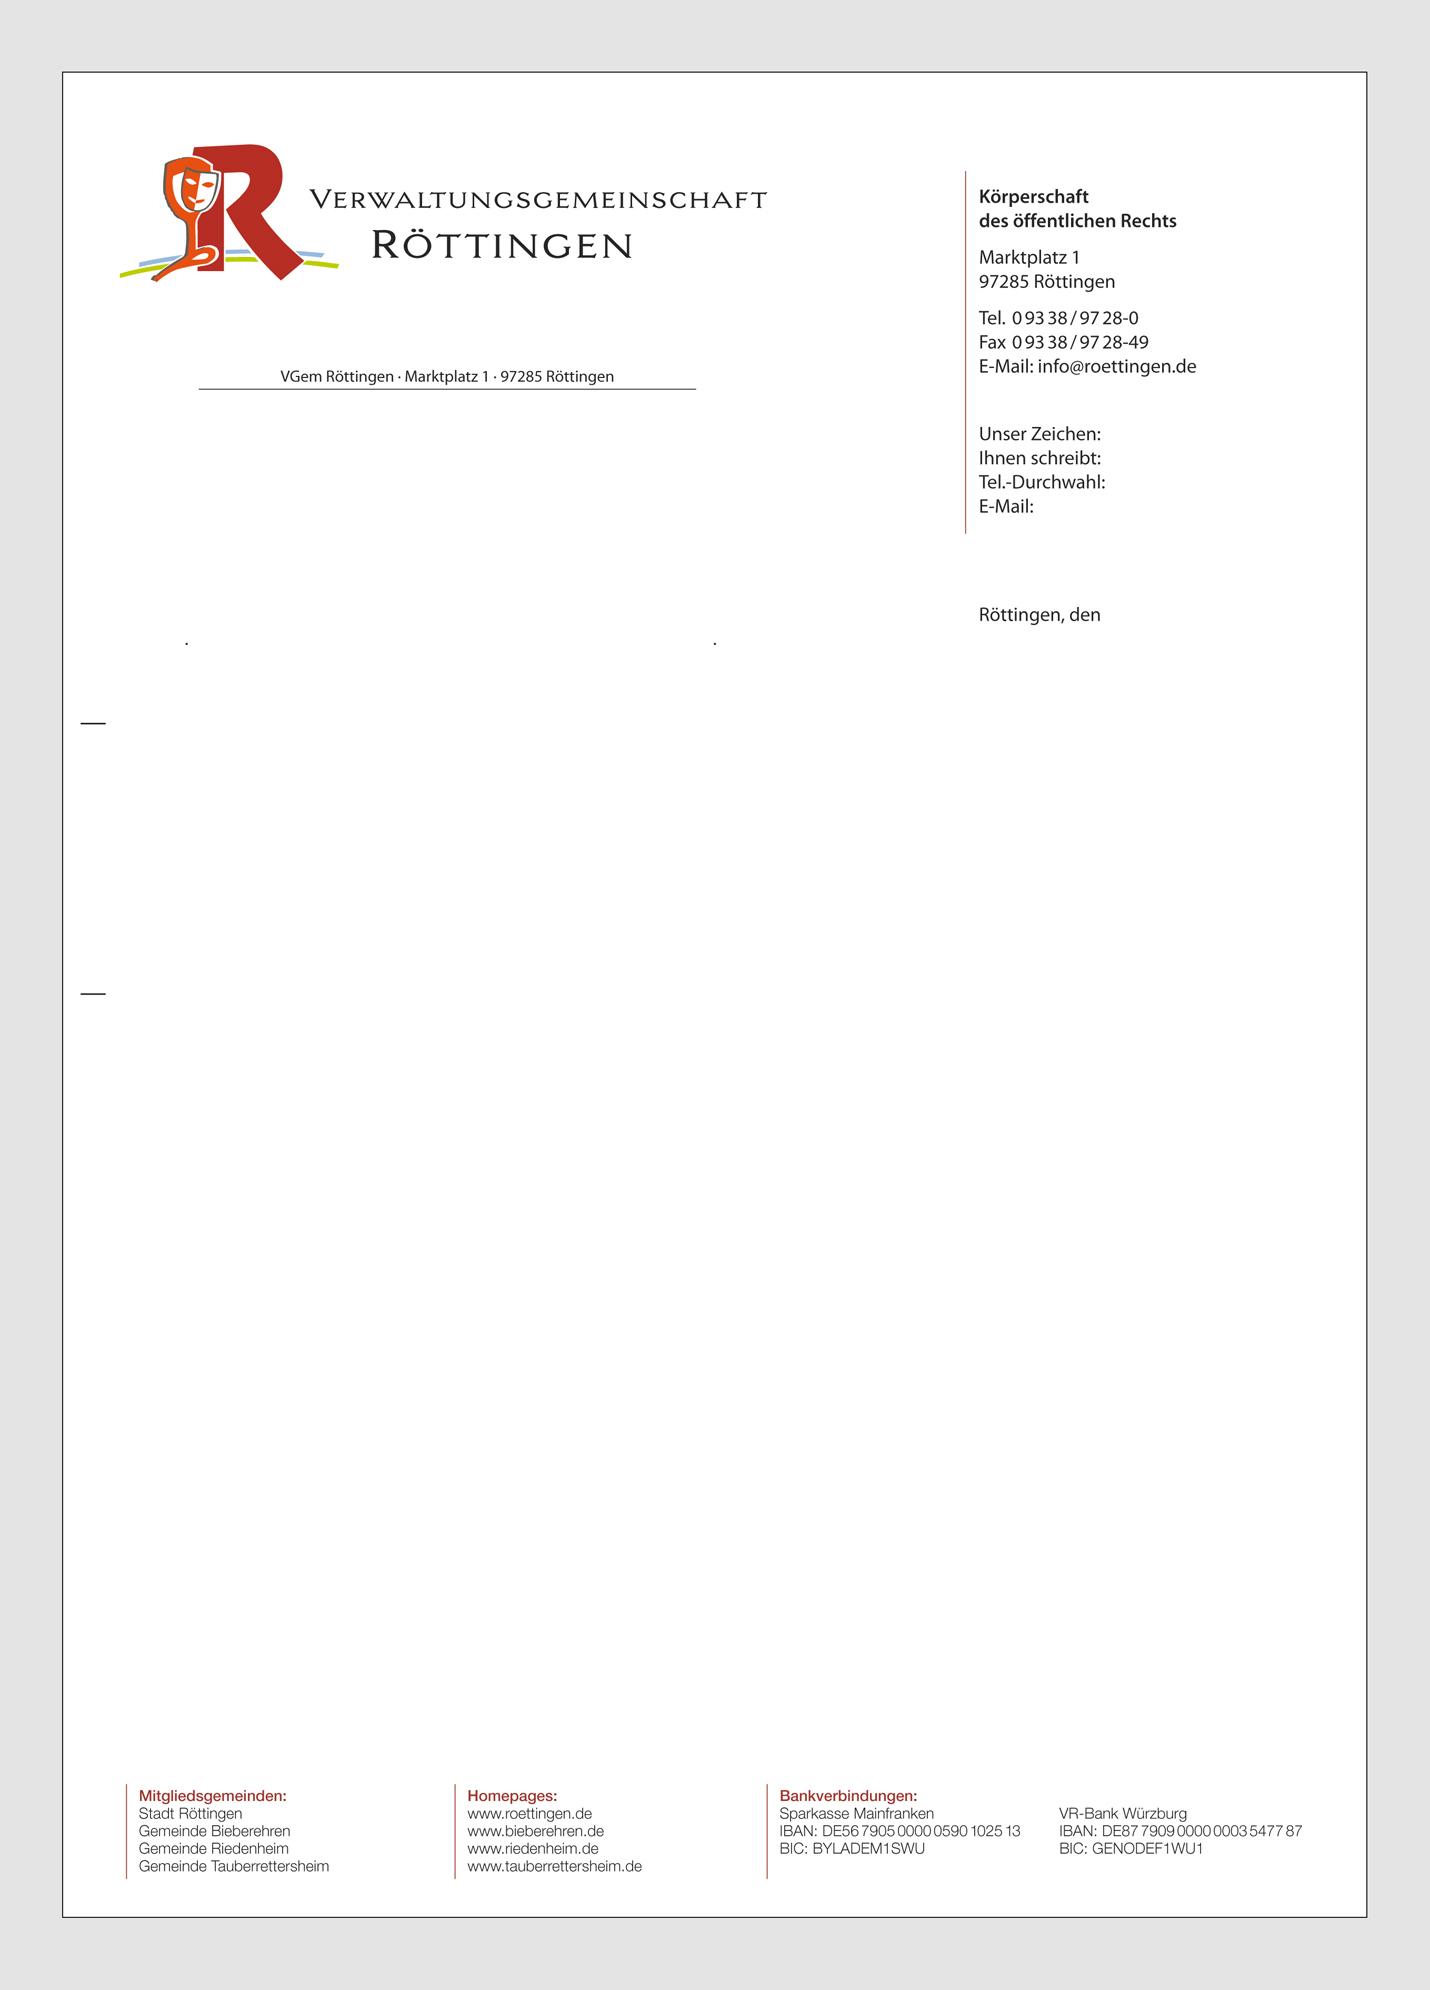 Design 6 Von Setzermeister Für Projekt Briefkopf Für Verwaltung Im